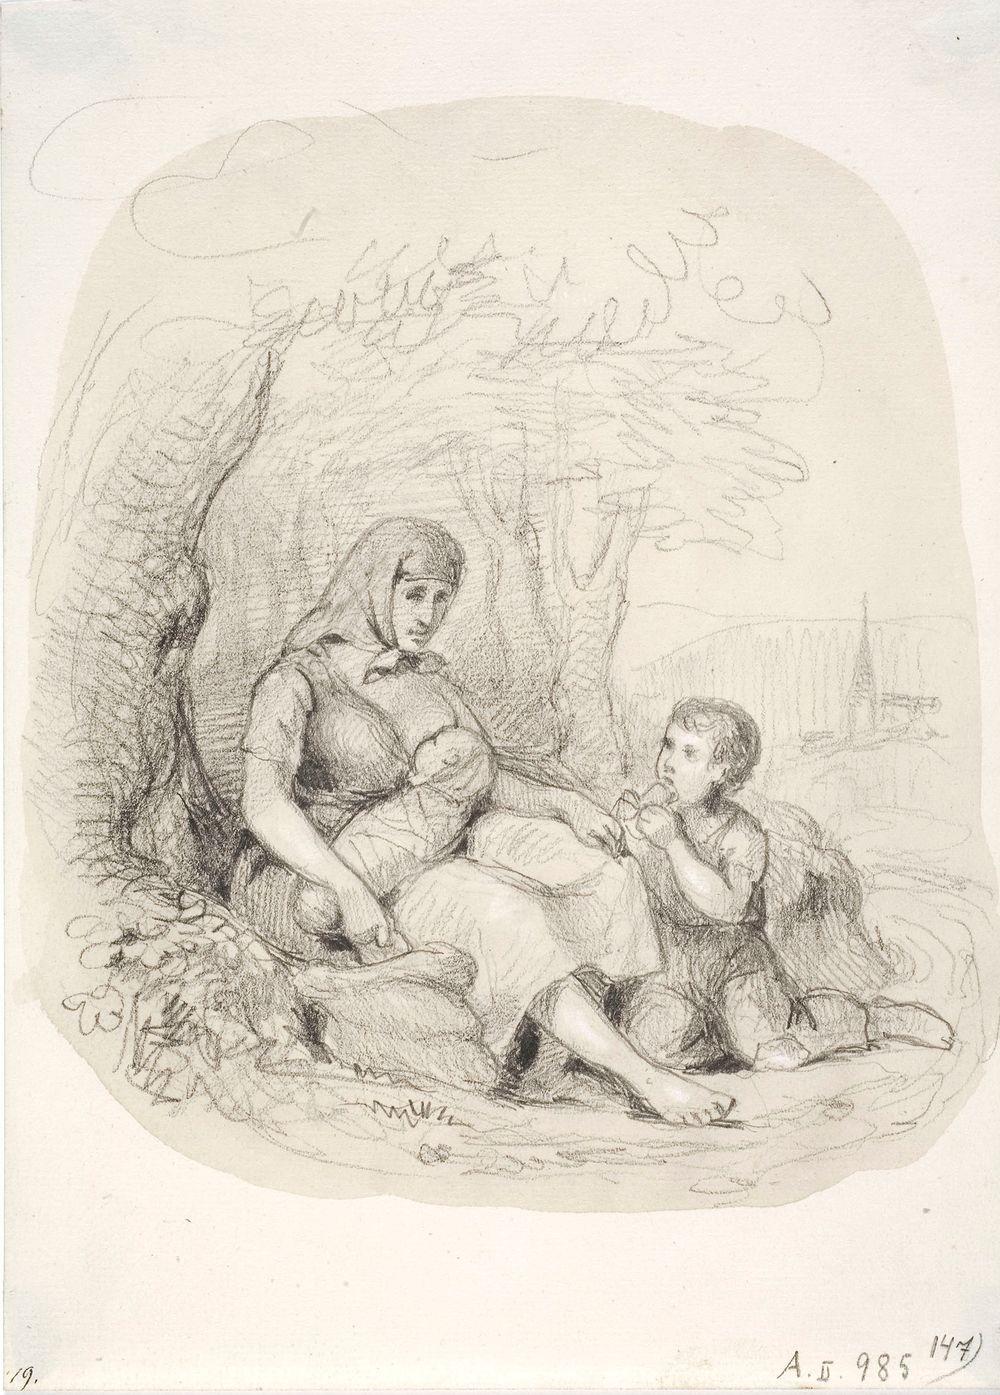 Tien vieressä istuva talonpoikaisnainen, jolla on rintalapsi ja pieni poika. Taustalla kirkko.